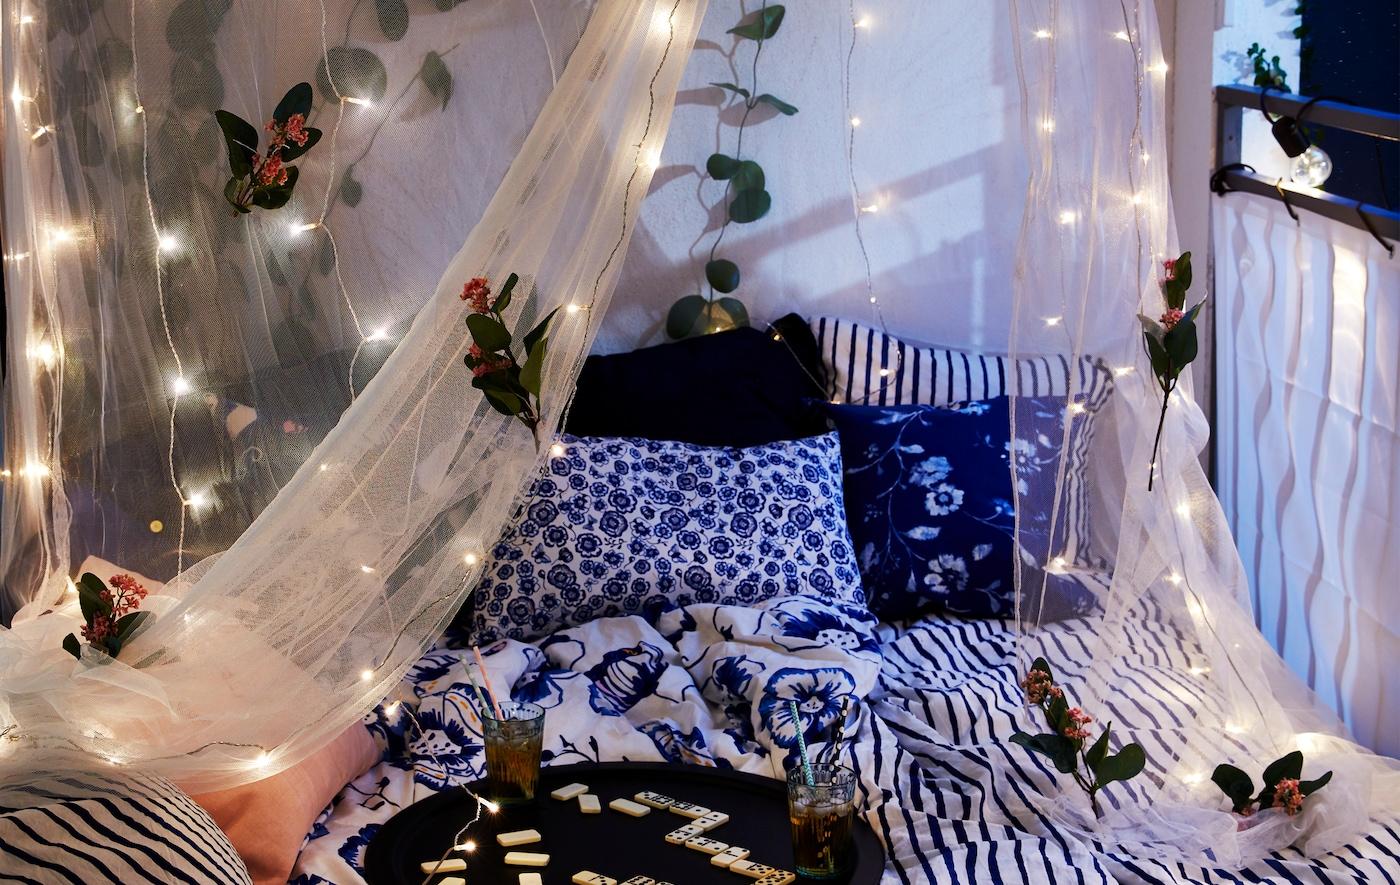 Široki krevet na uvučenom balkonu; mreža za komarce ukrašena cvijećem i LED rasvjetnim lancima; pića i igre na poslužavniku.